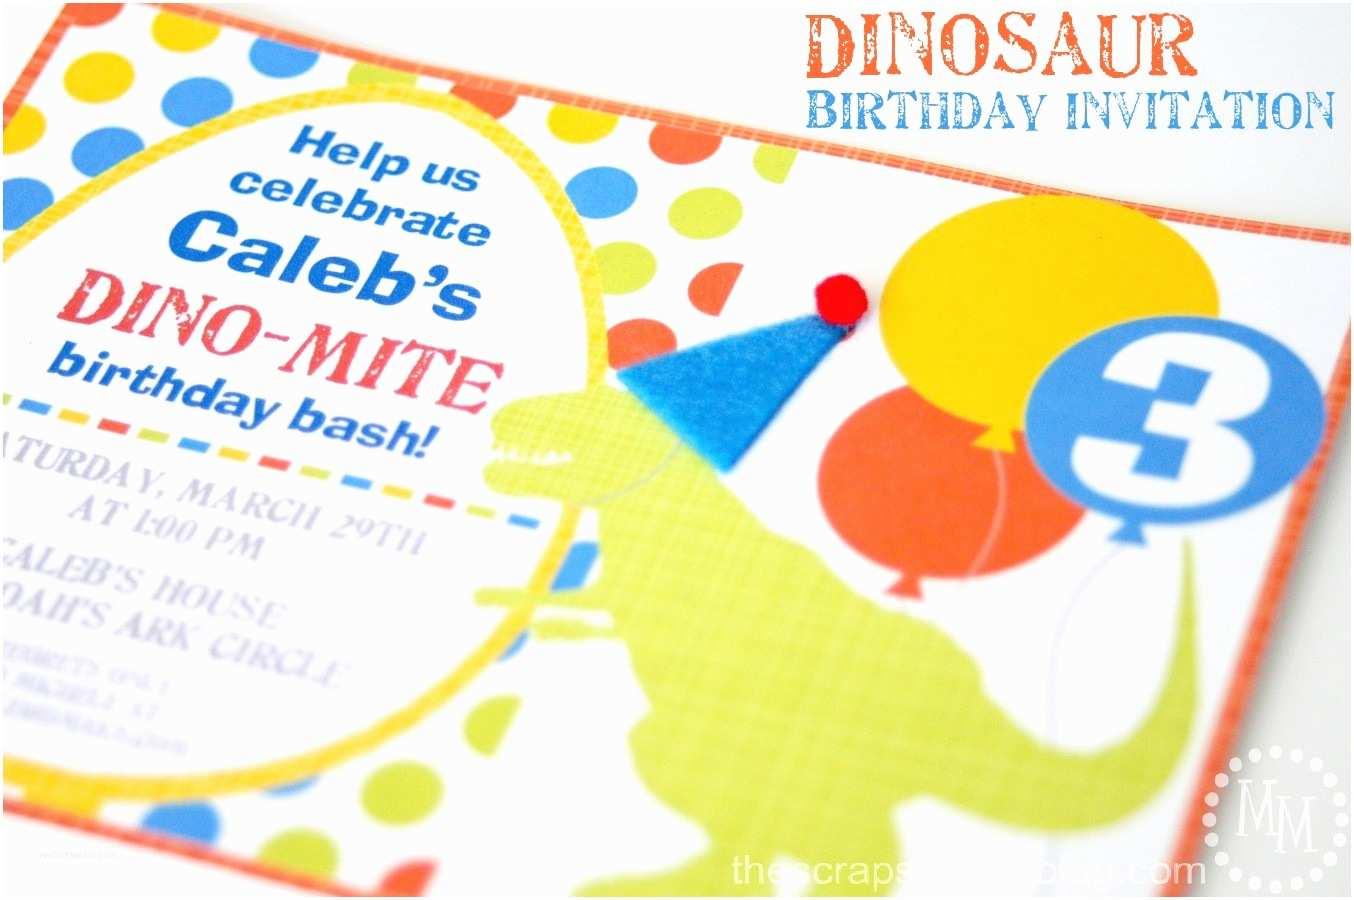 Dinosaur Birthday Party Invitations Dinosaur Birthday Party Invitation the Scrap Shoppe